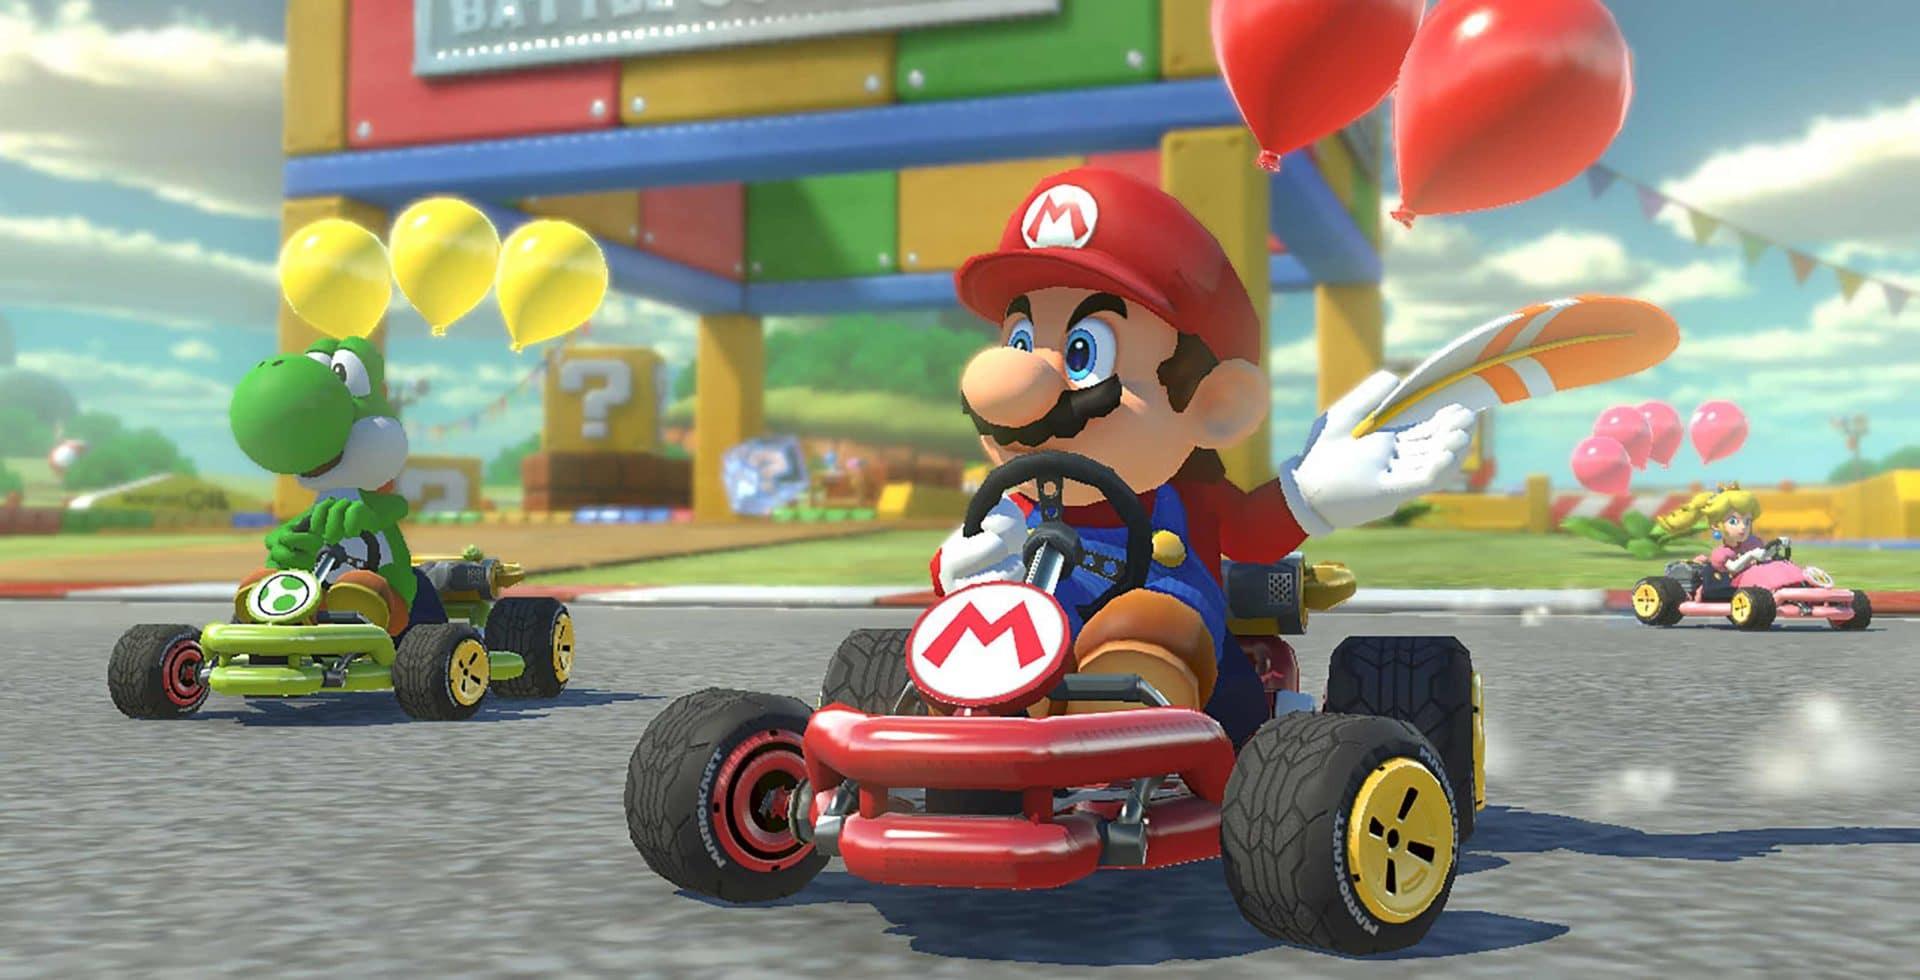 Mario Kart para smartphones é anunciado pela Nintendo - Jovem Nerd